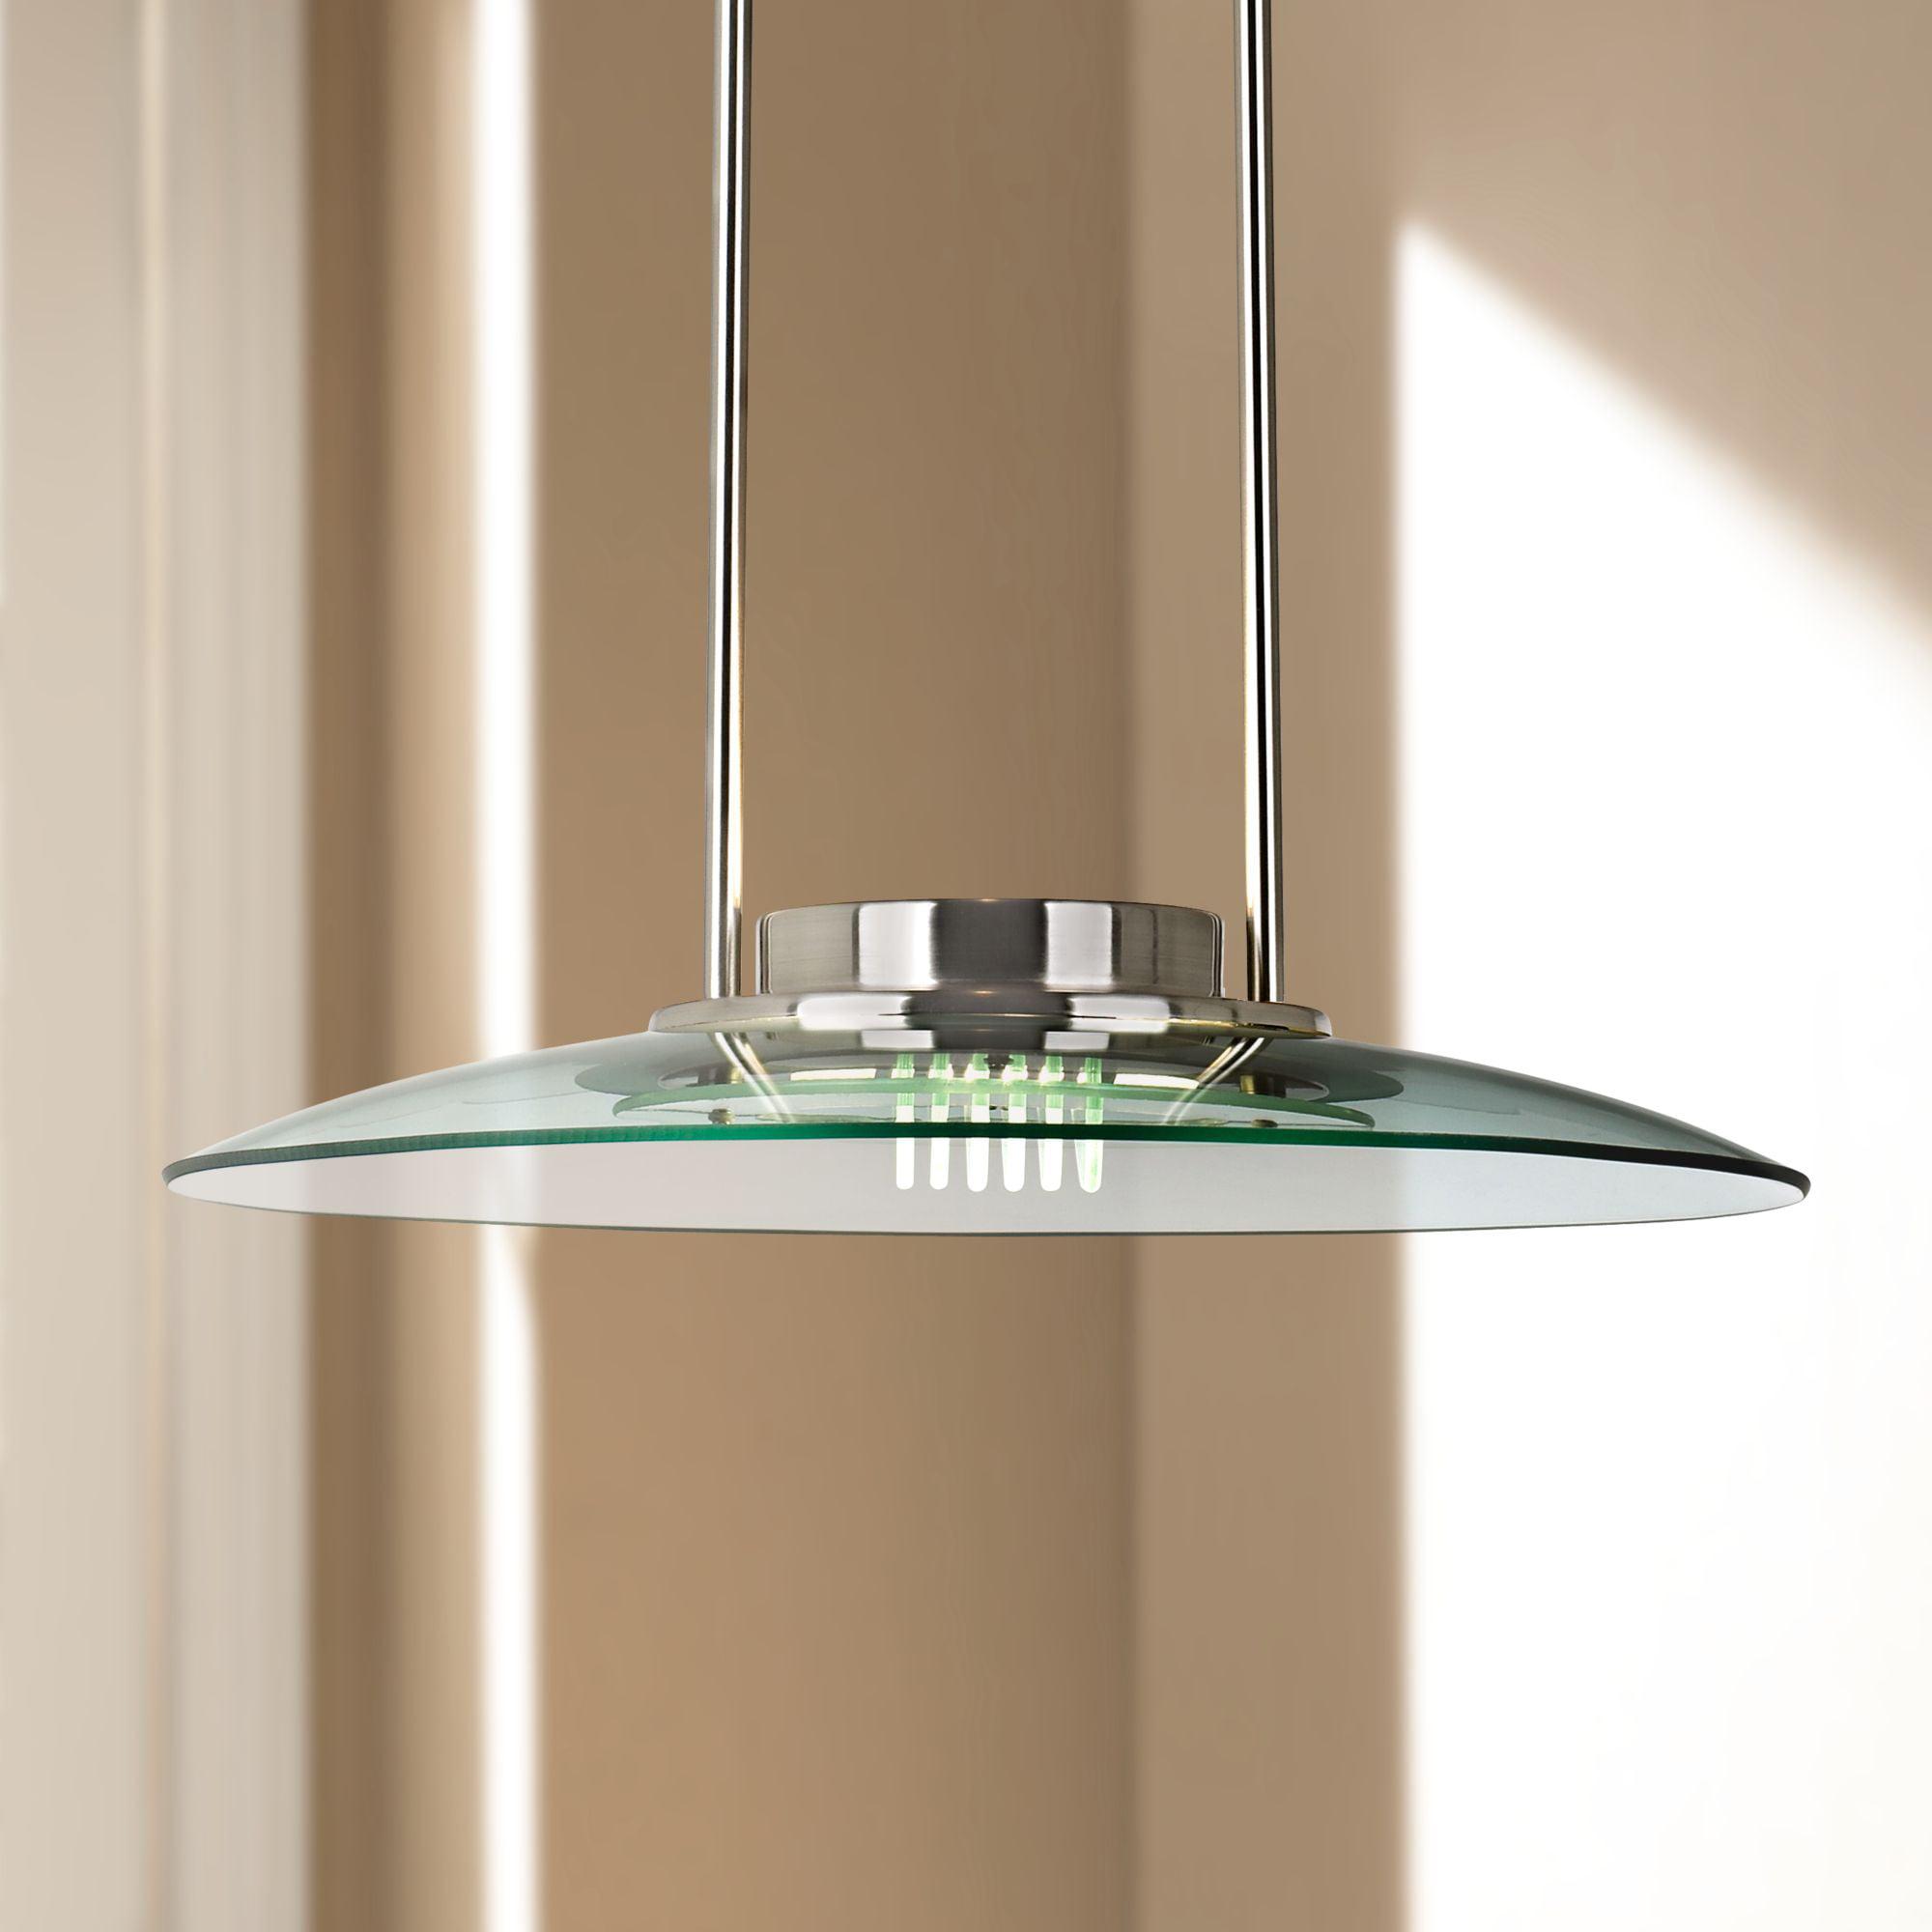 360 Lighting Brushed Nickel Pendant Light 19 Wide Modern Halogen Ribbed Glass For Kitchen Island Dining Room Walmart Com Walmart Com